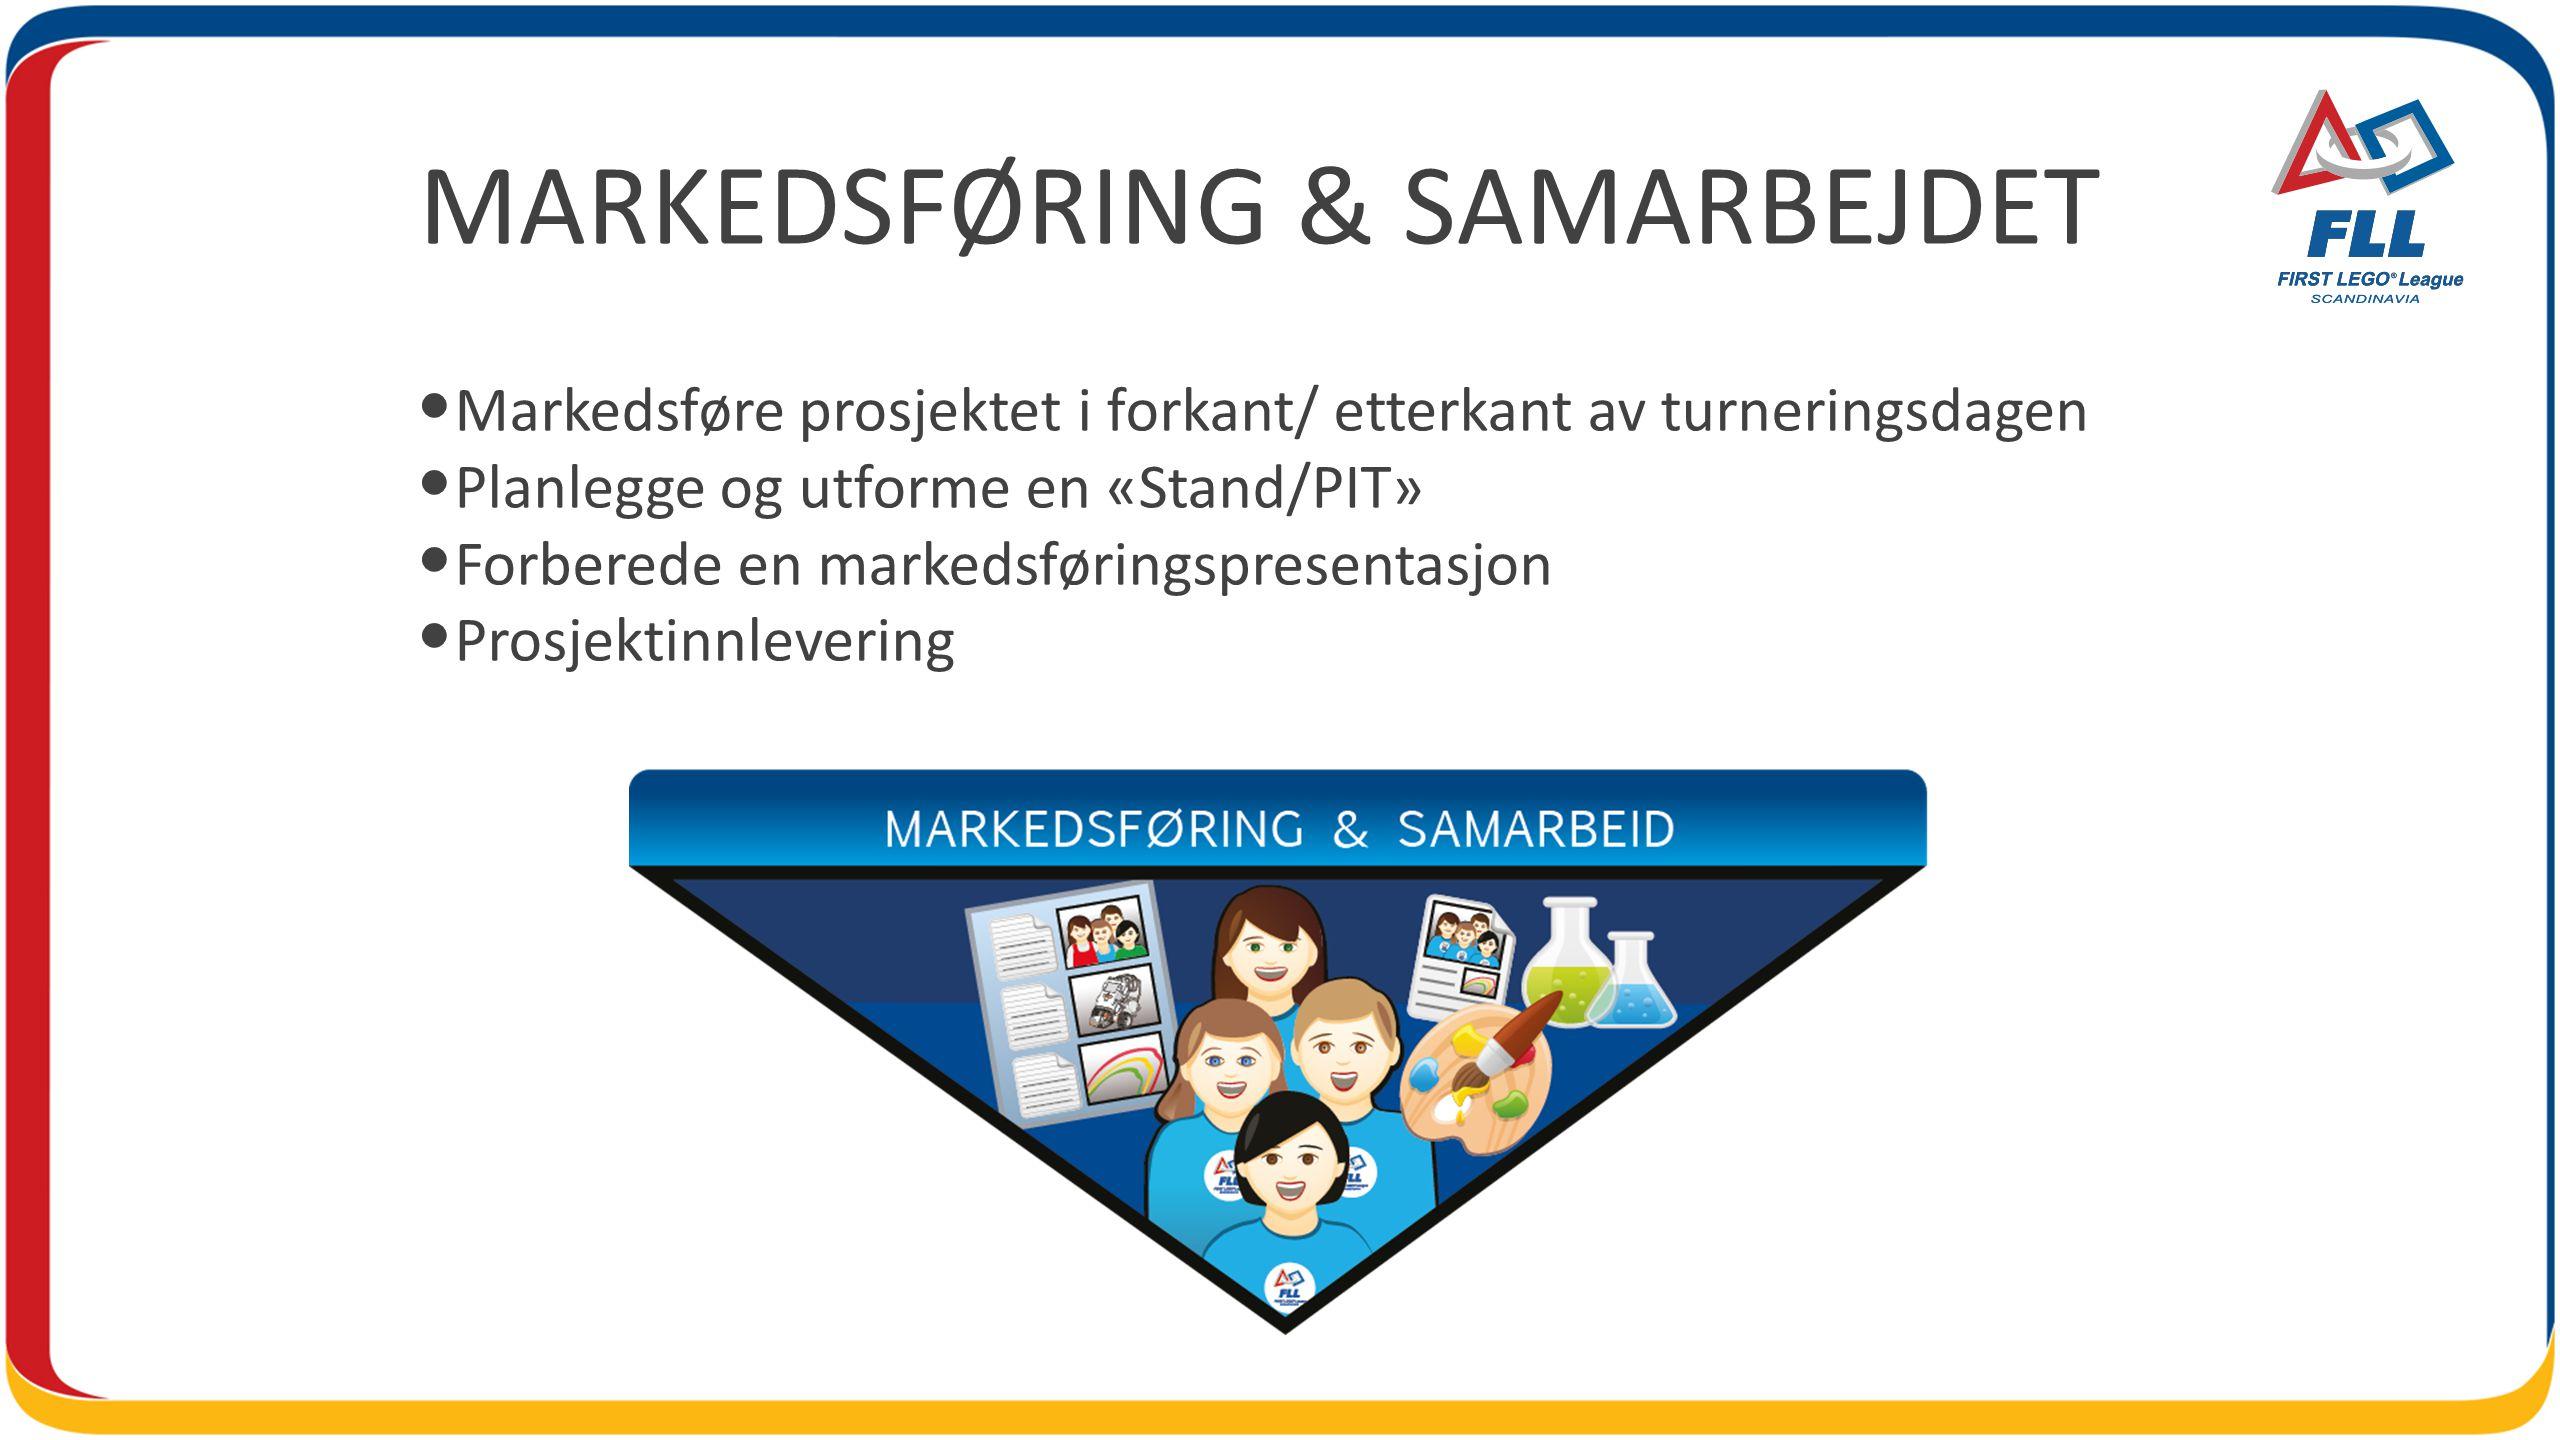 MARKEDSFØRING & SAMARBEJDET Markedsføre prosjektet i forkant/ etterkant av turneringsdagen Planlegge og utforme en «Stand/PIT» Forberede en markedsføringspresentasjon Prosjektinnlevering